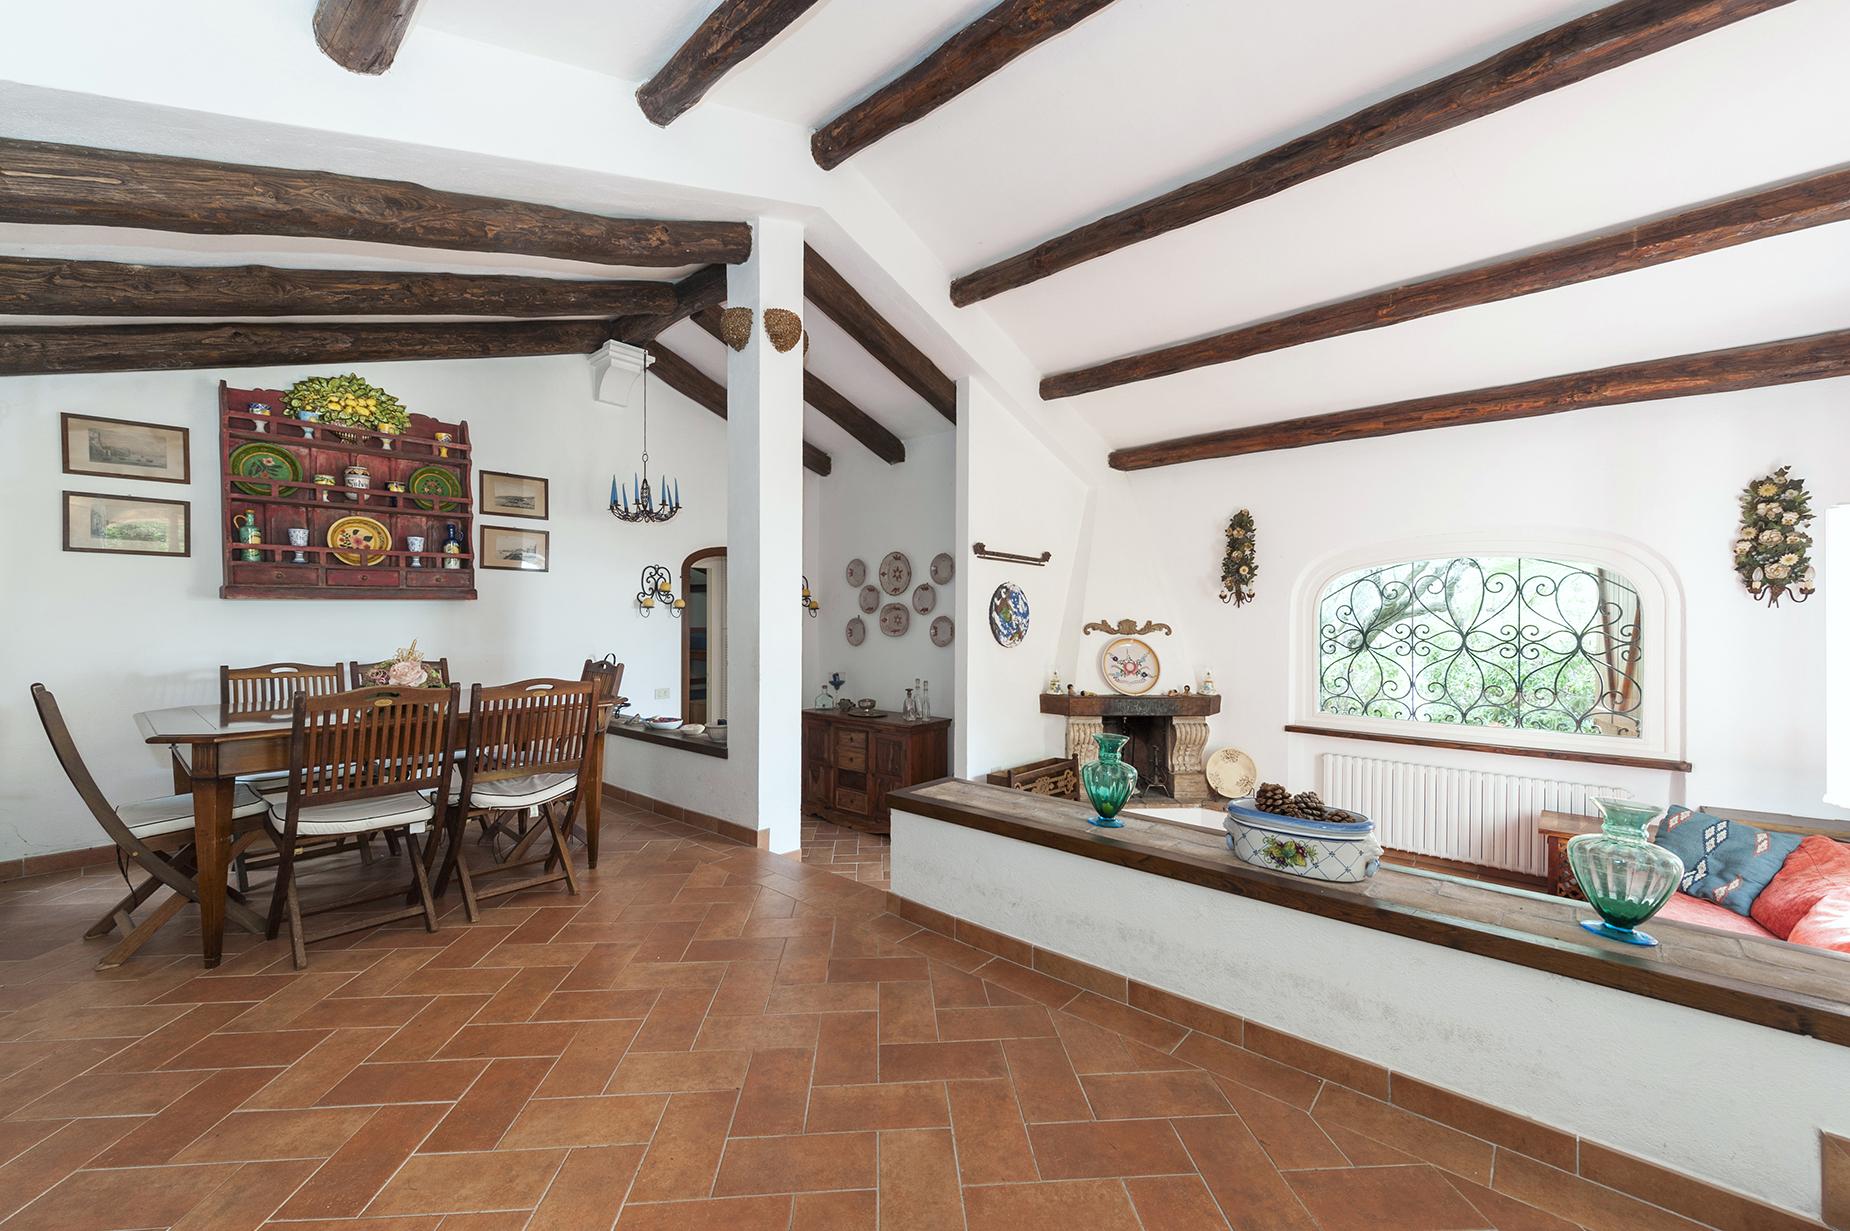 Villa in Vendita a Monte Argentario: 5 locali, 120 mq - Foto 8